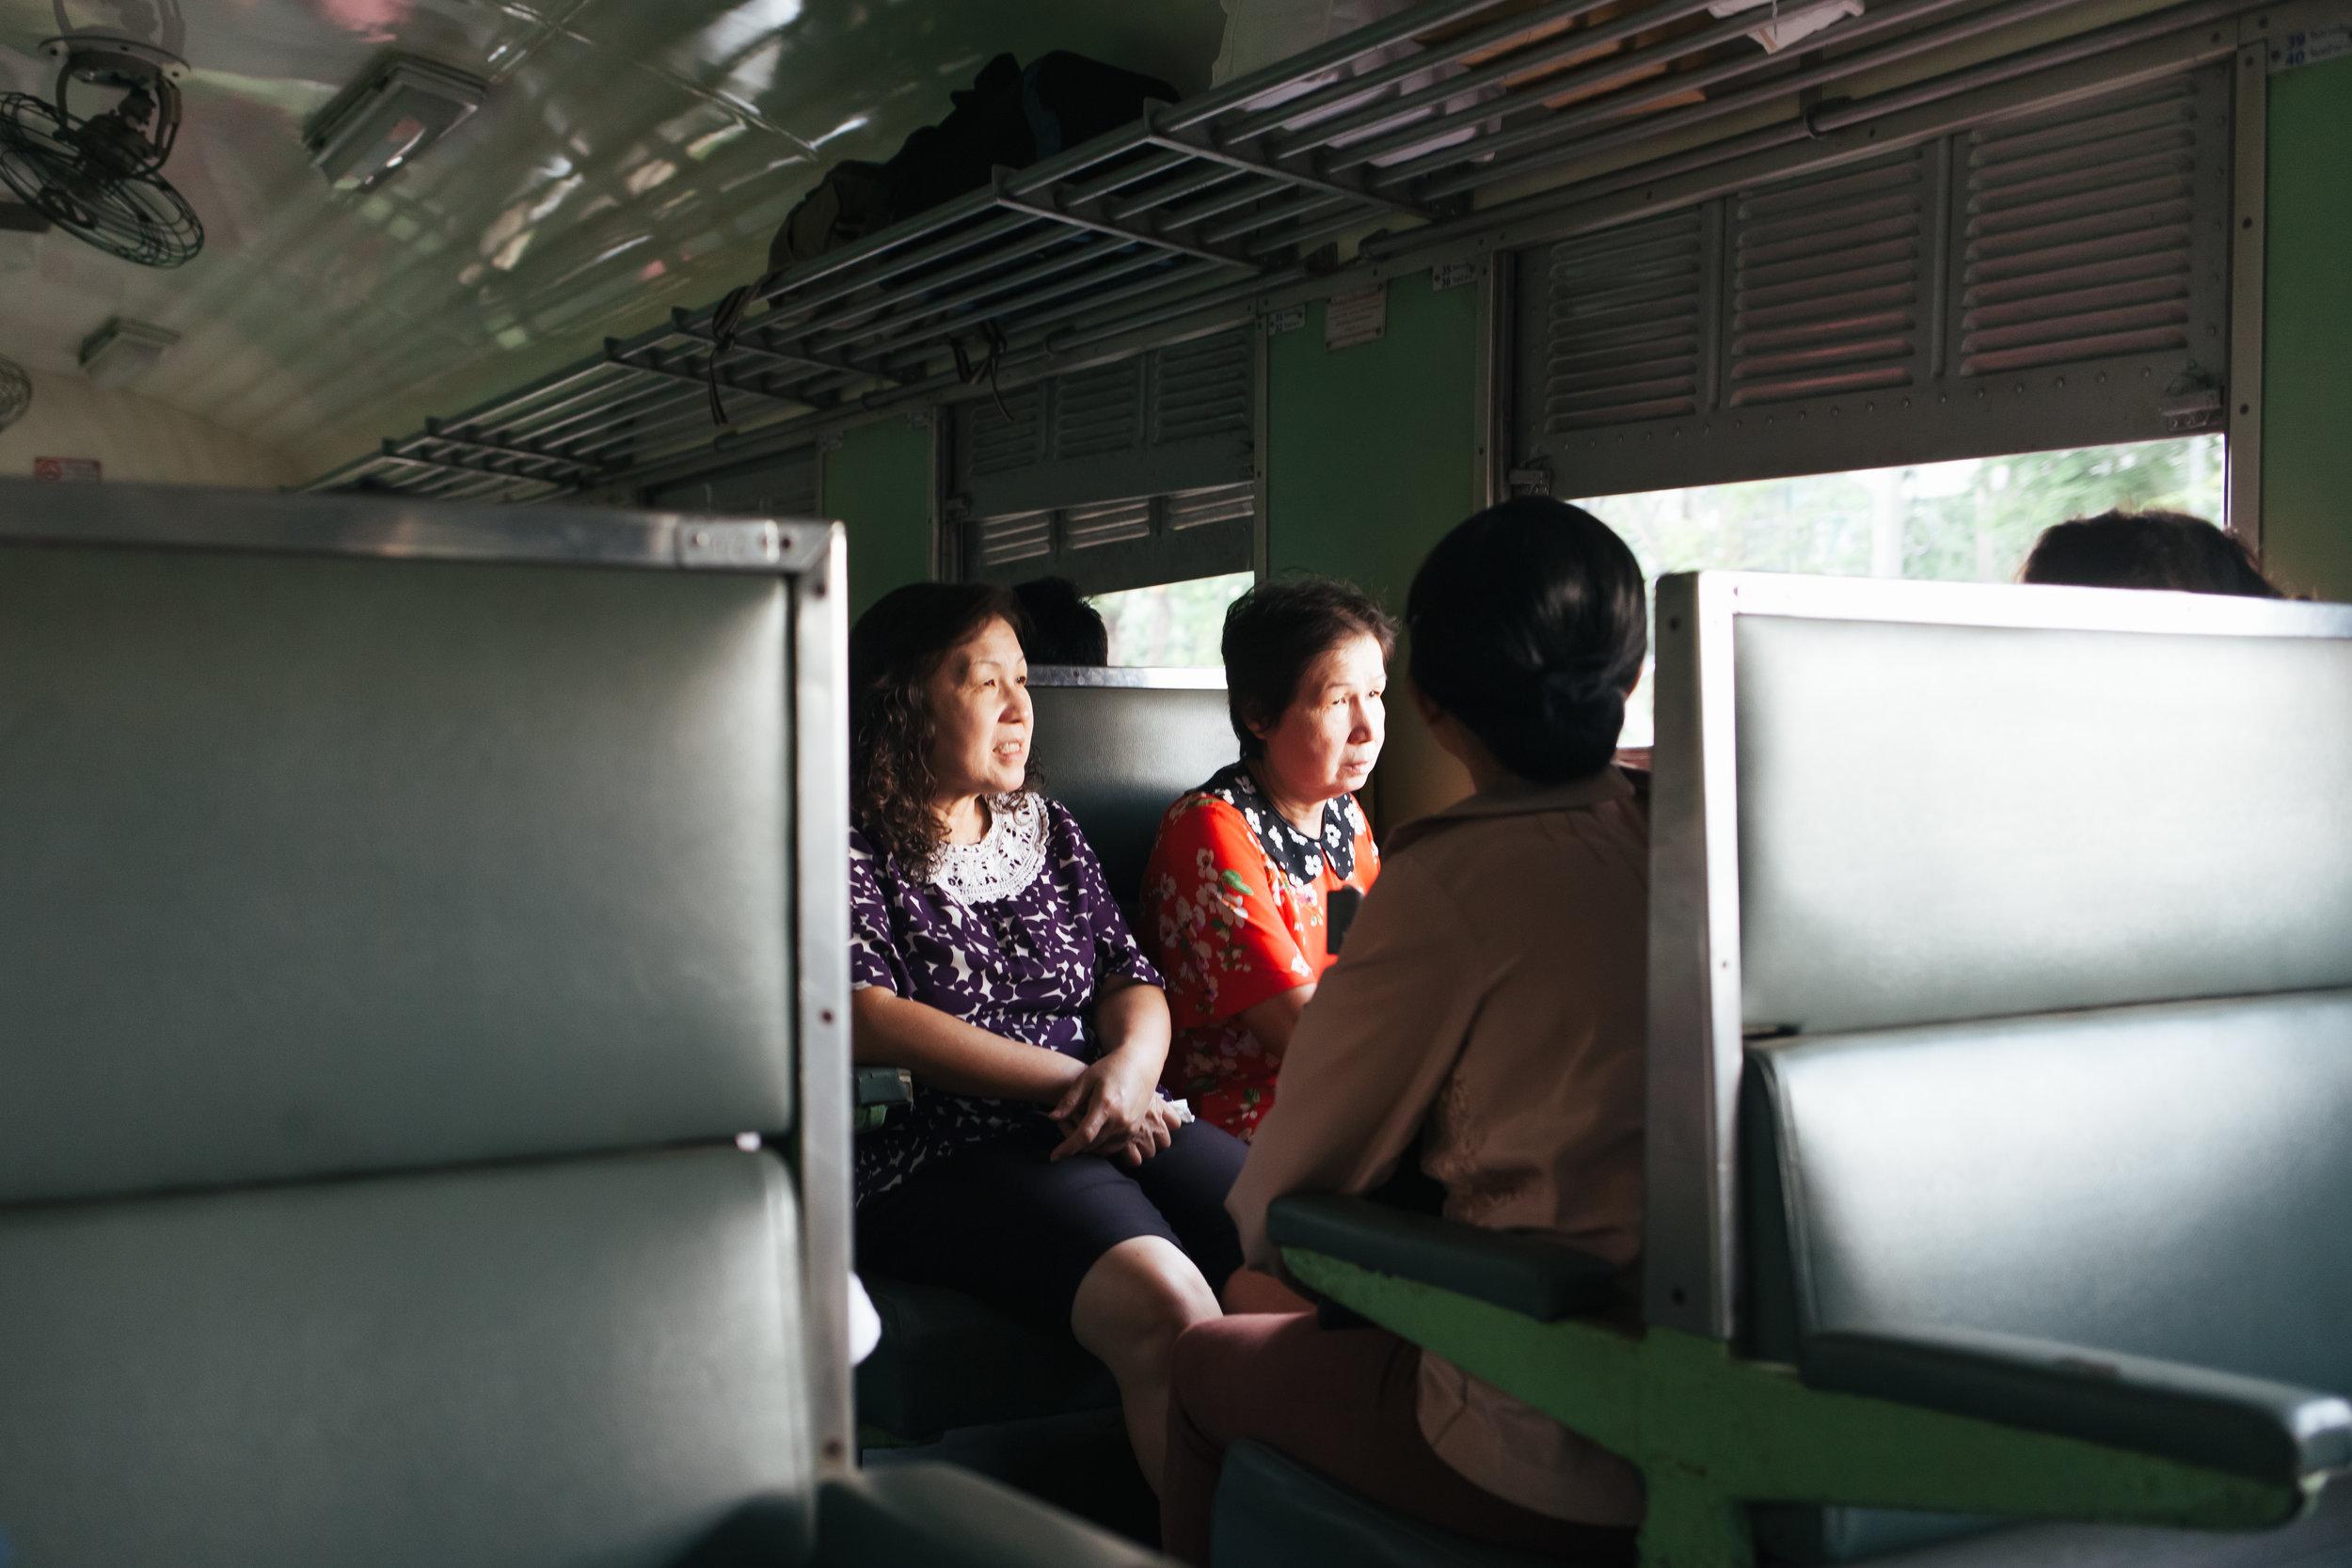 thailand_lampang_ayuthaya_train (64 of 77).jpg